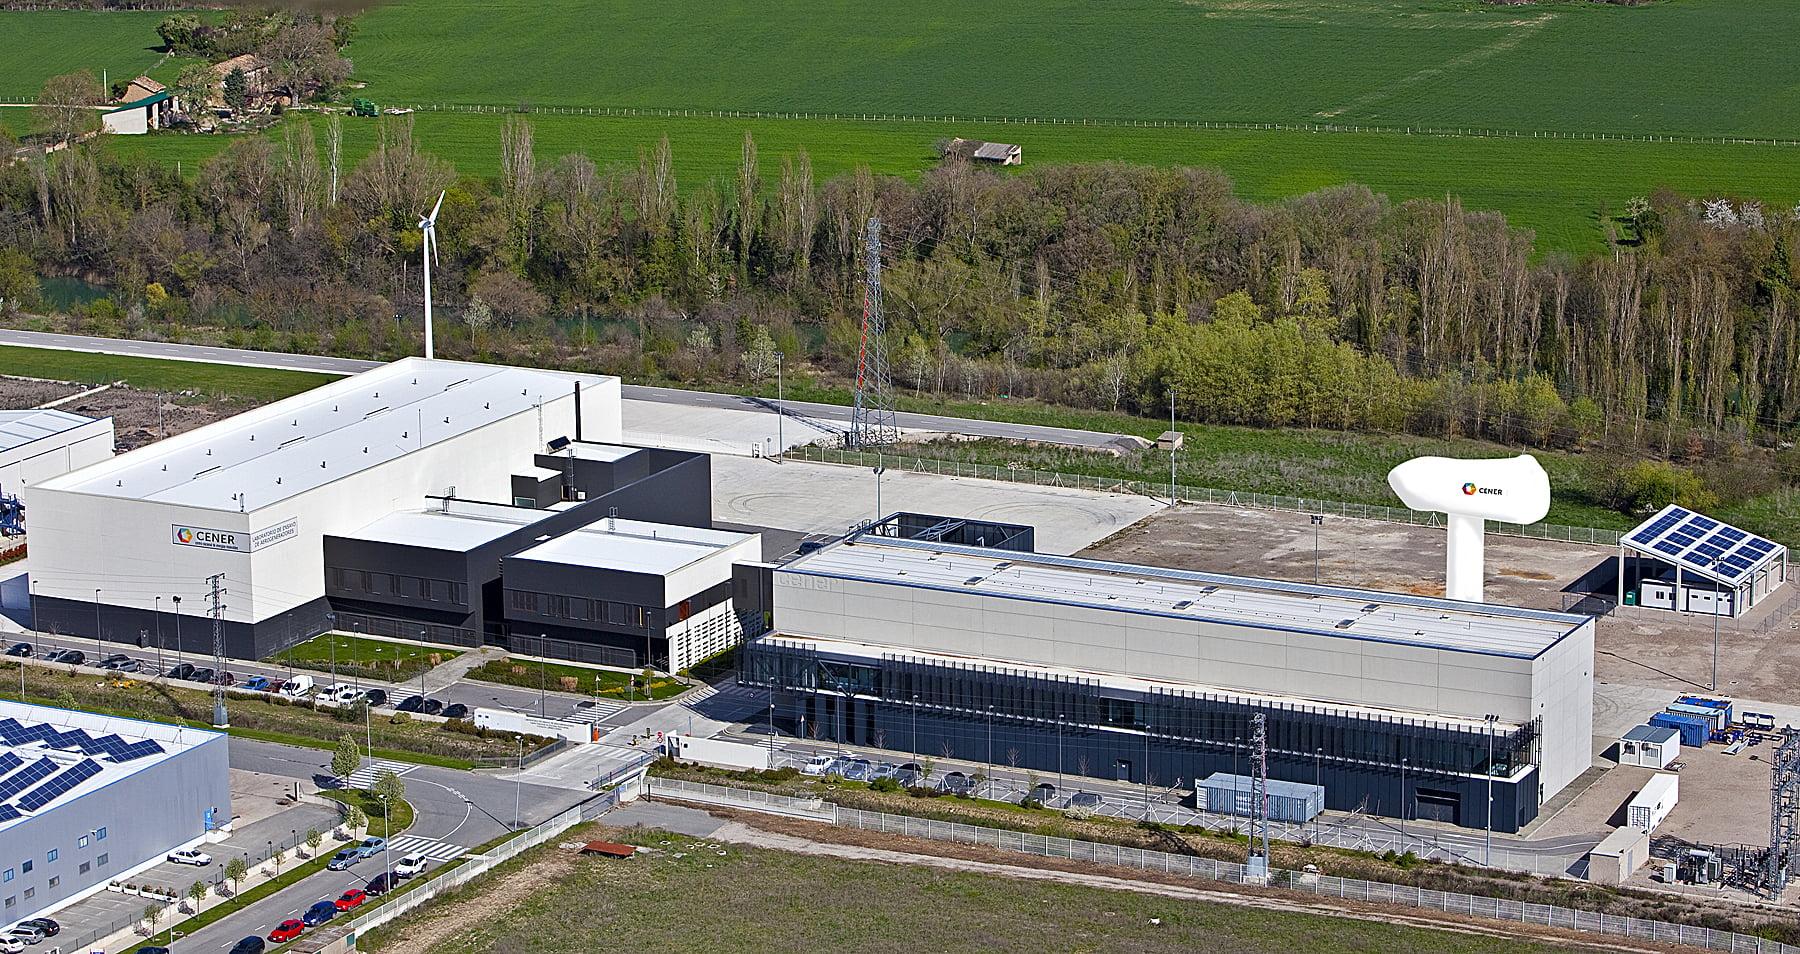 Laboratorio de Ensayo de Aerogeneradores de CENER